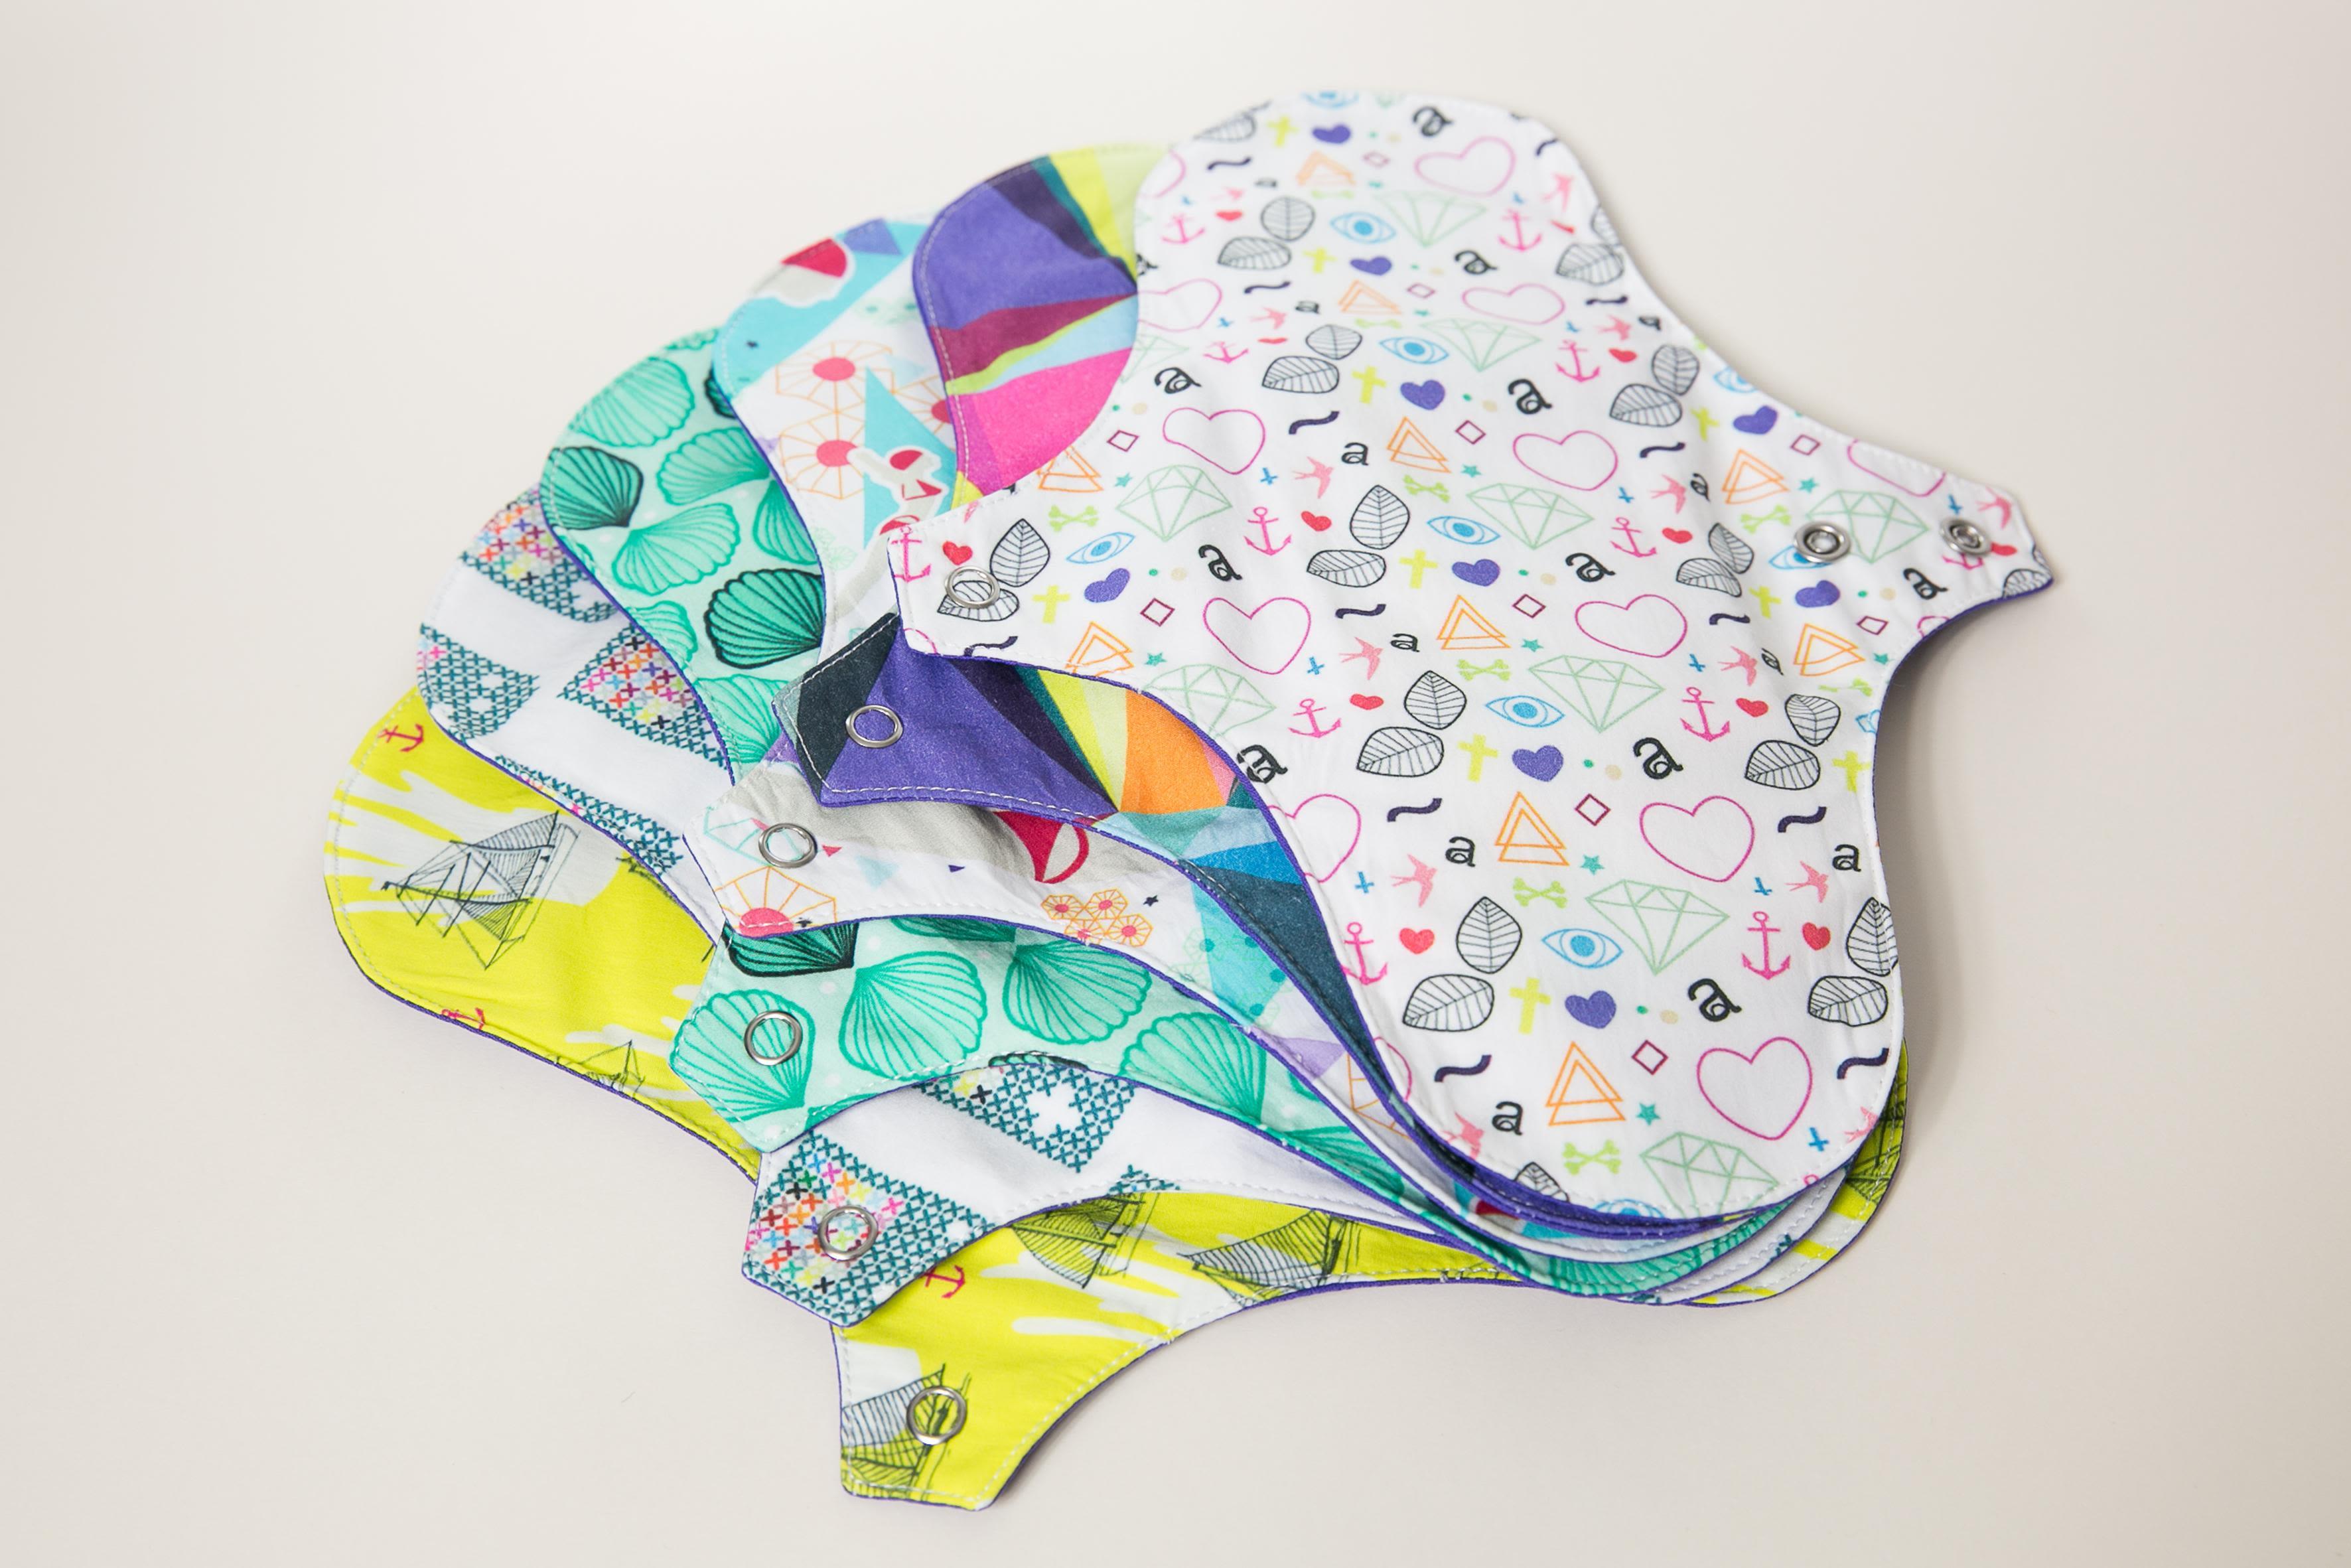 serviettes hygiéniques lavables Dans Ma Culotte